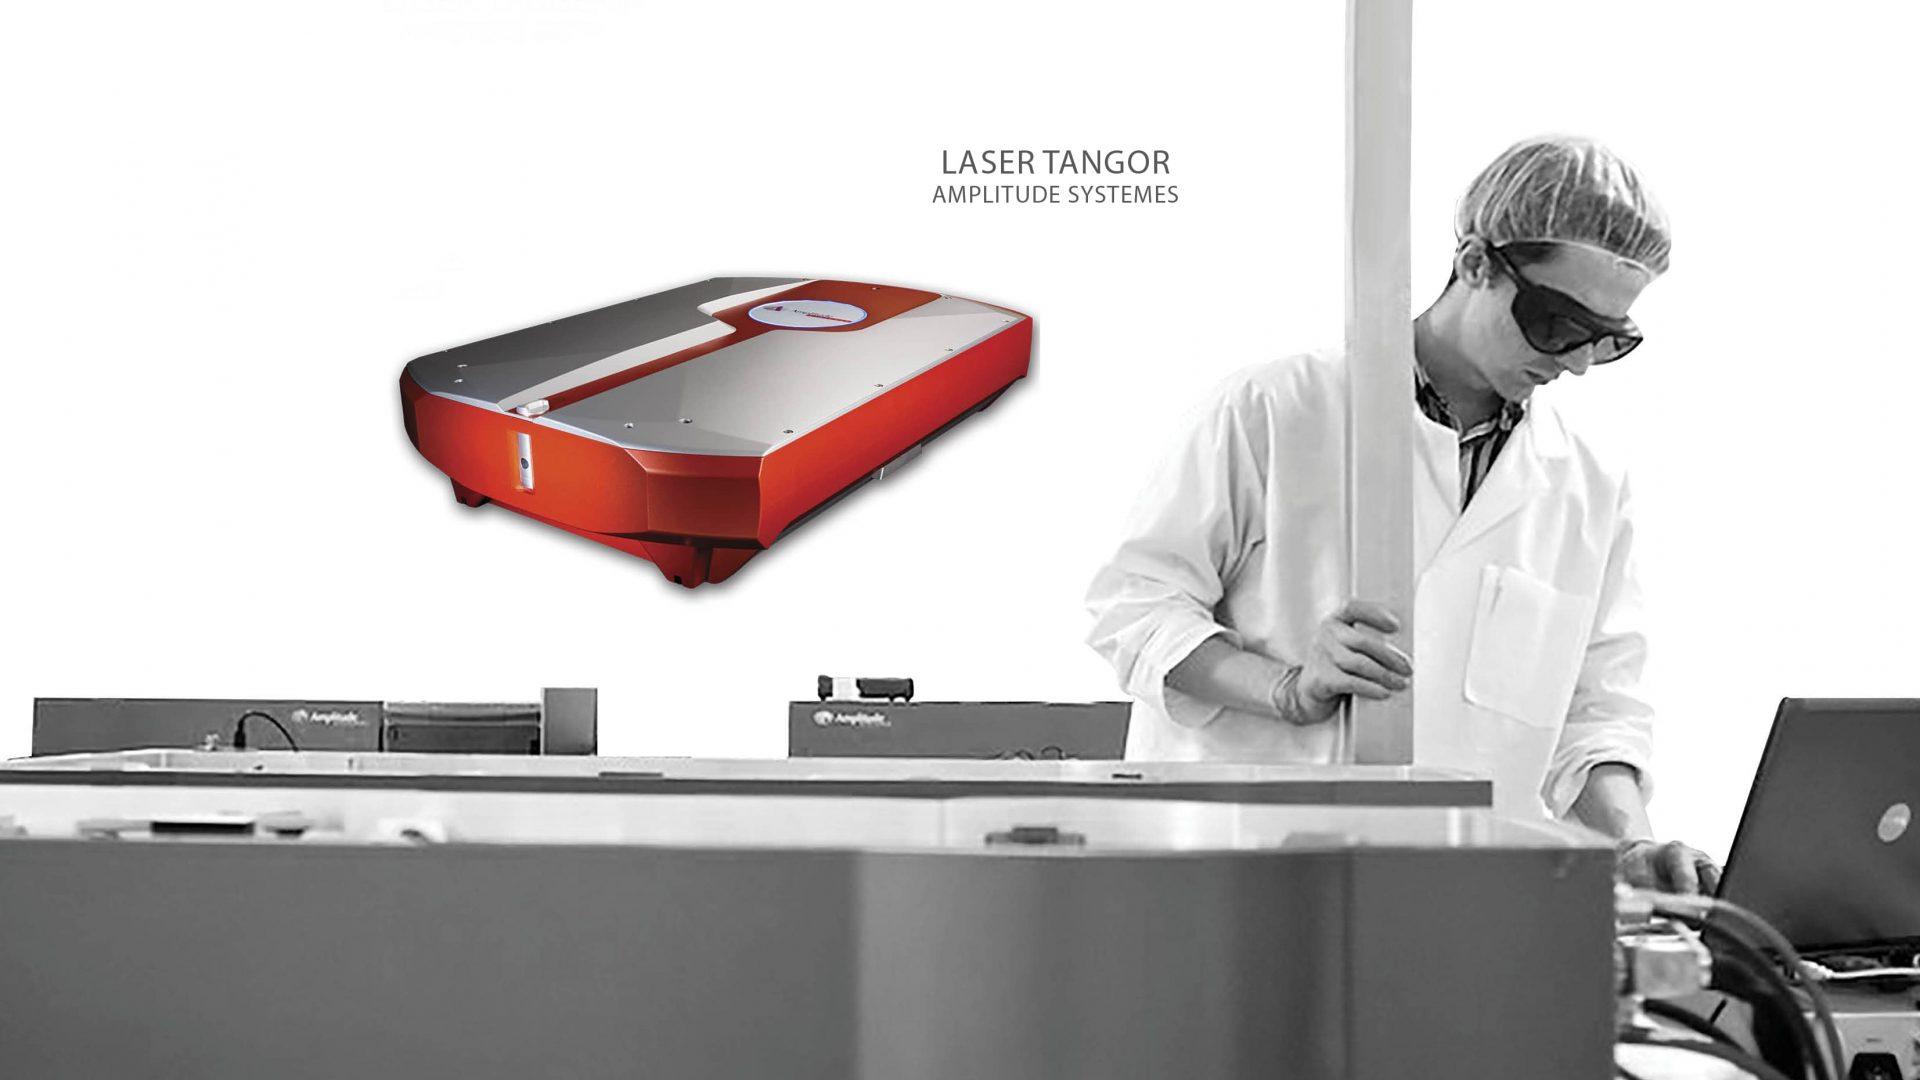 Garrigos Design garrigos design - Étude et conception de projets innovants - agence